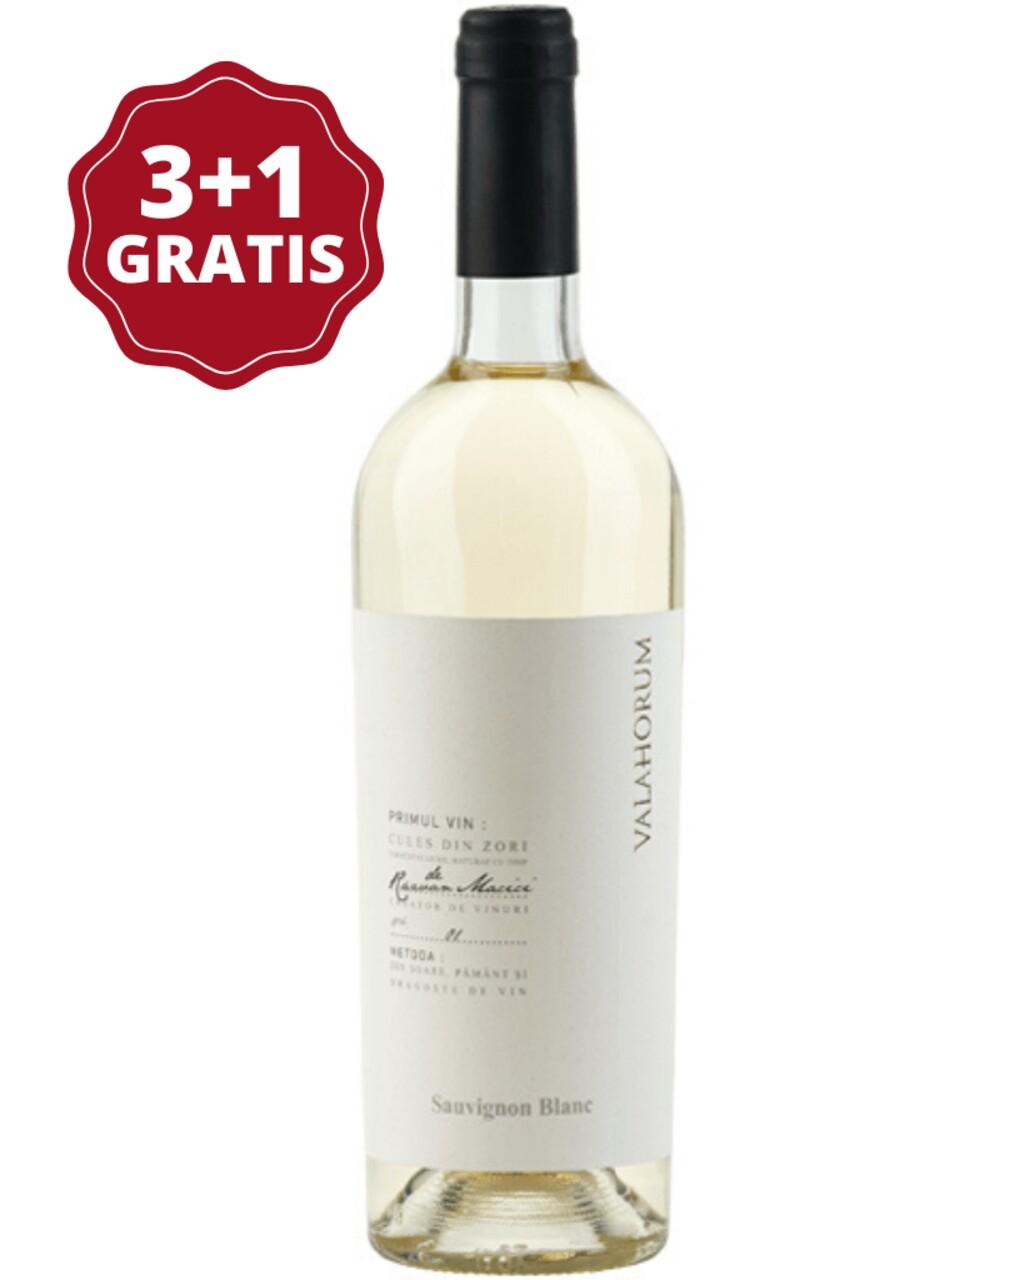 Valahorum Sauvignon Blanc 3+1